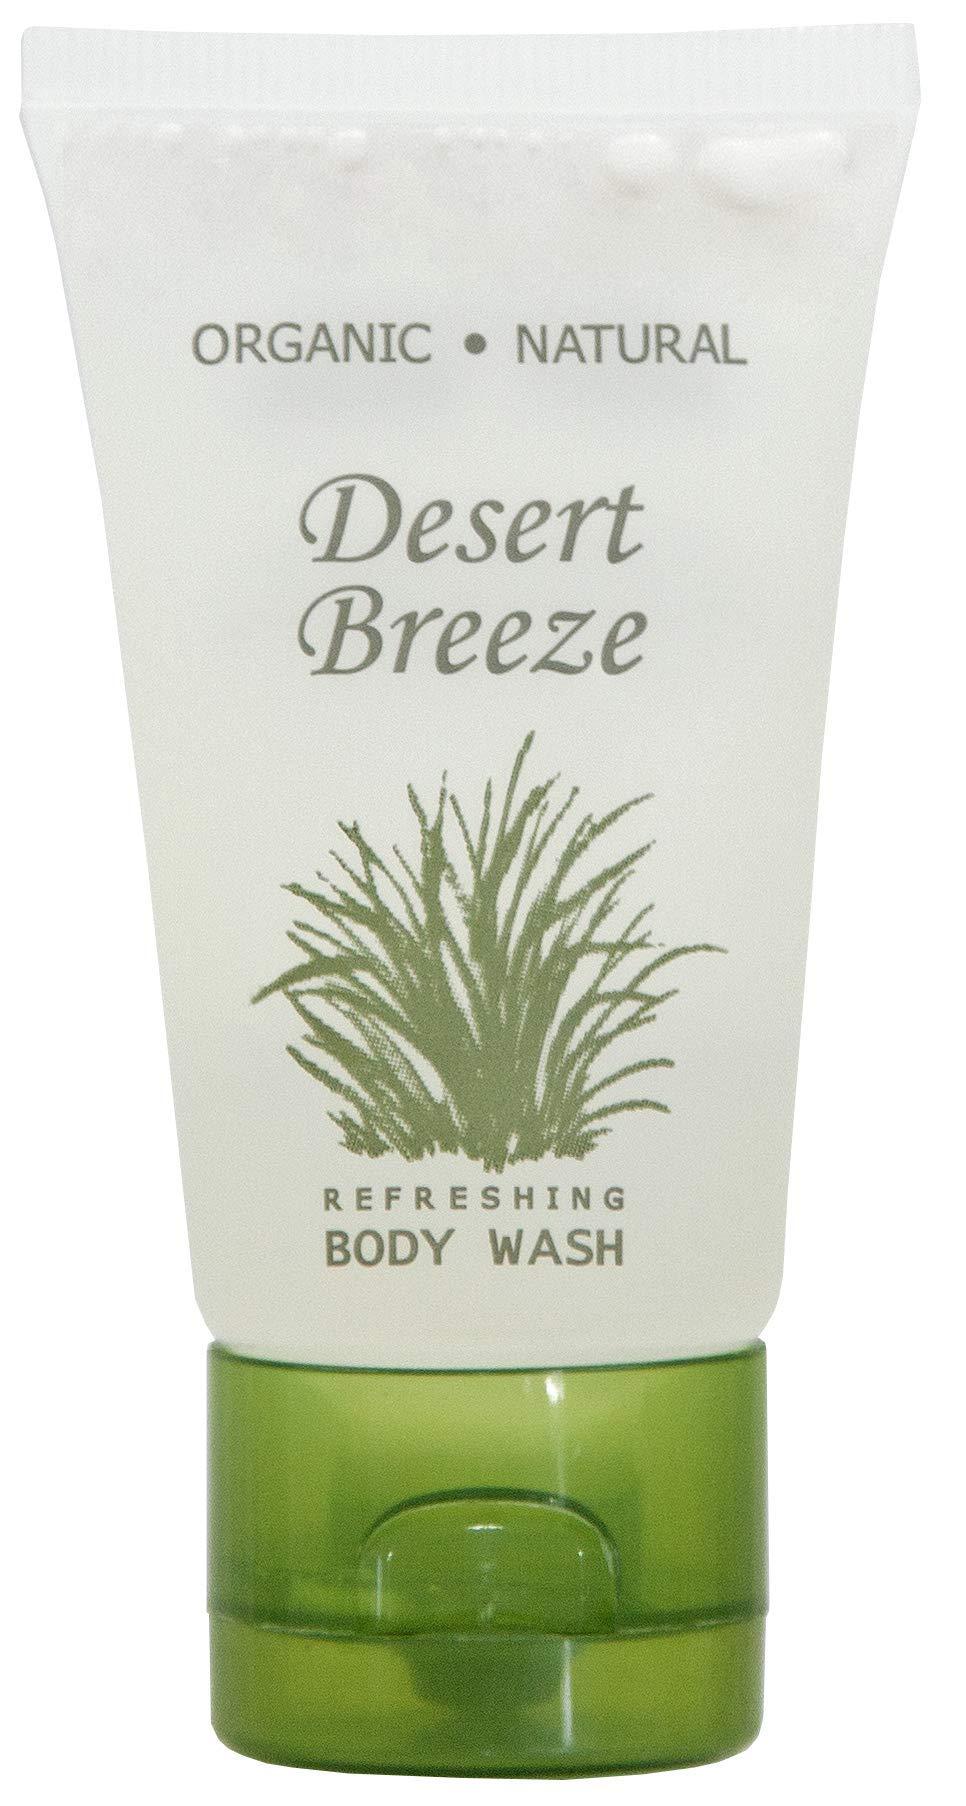 Desert Breeze Body Wash, Travel Size Hotel Toiletries, 1 oz Flip Cap (Case of 300)